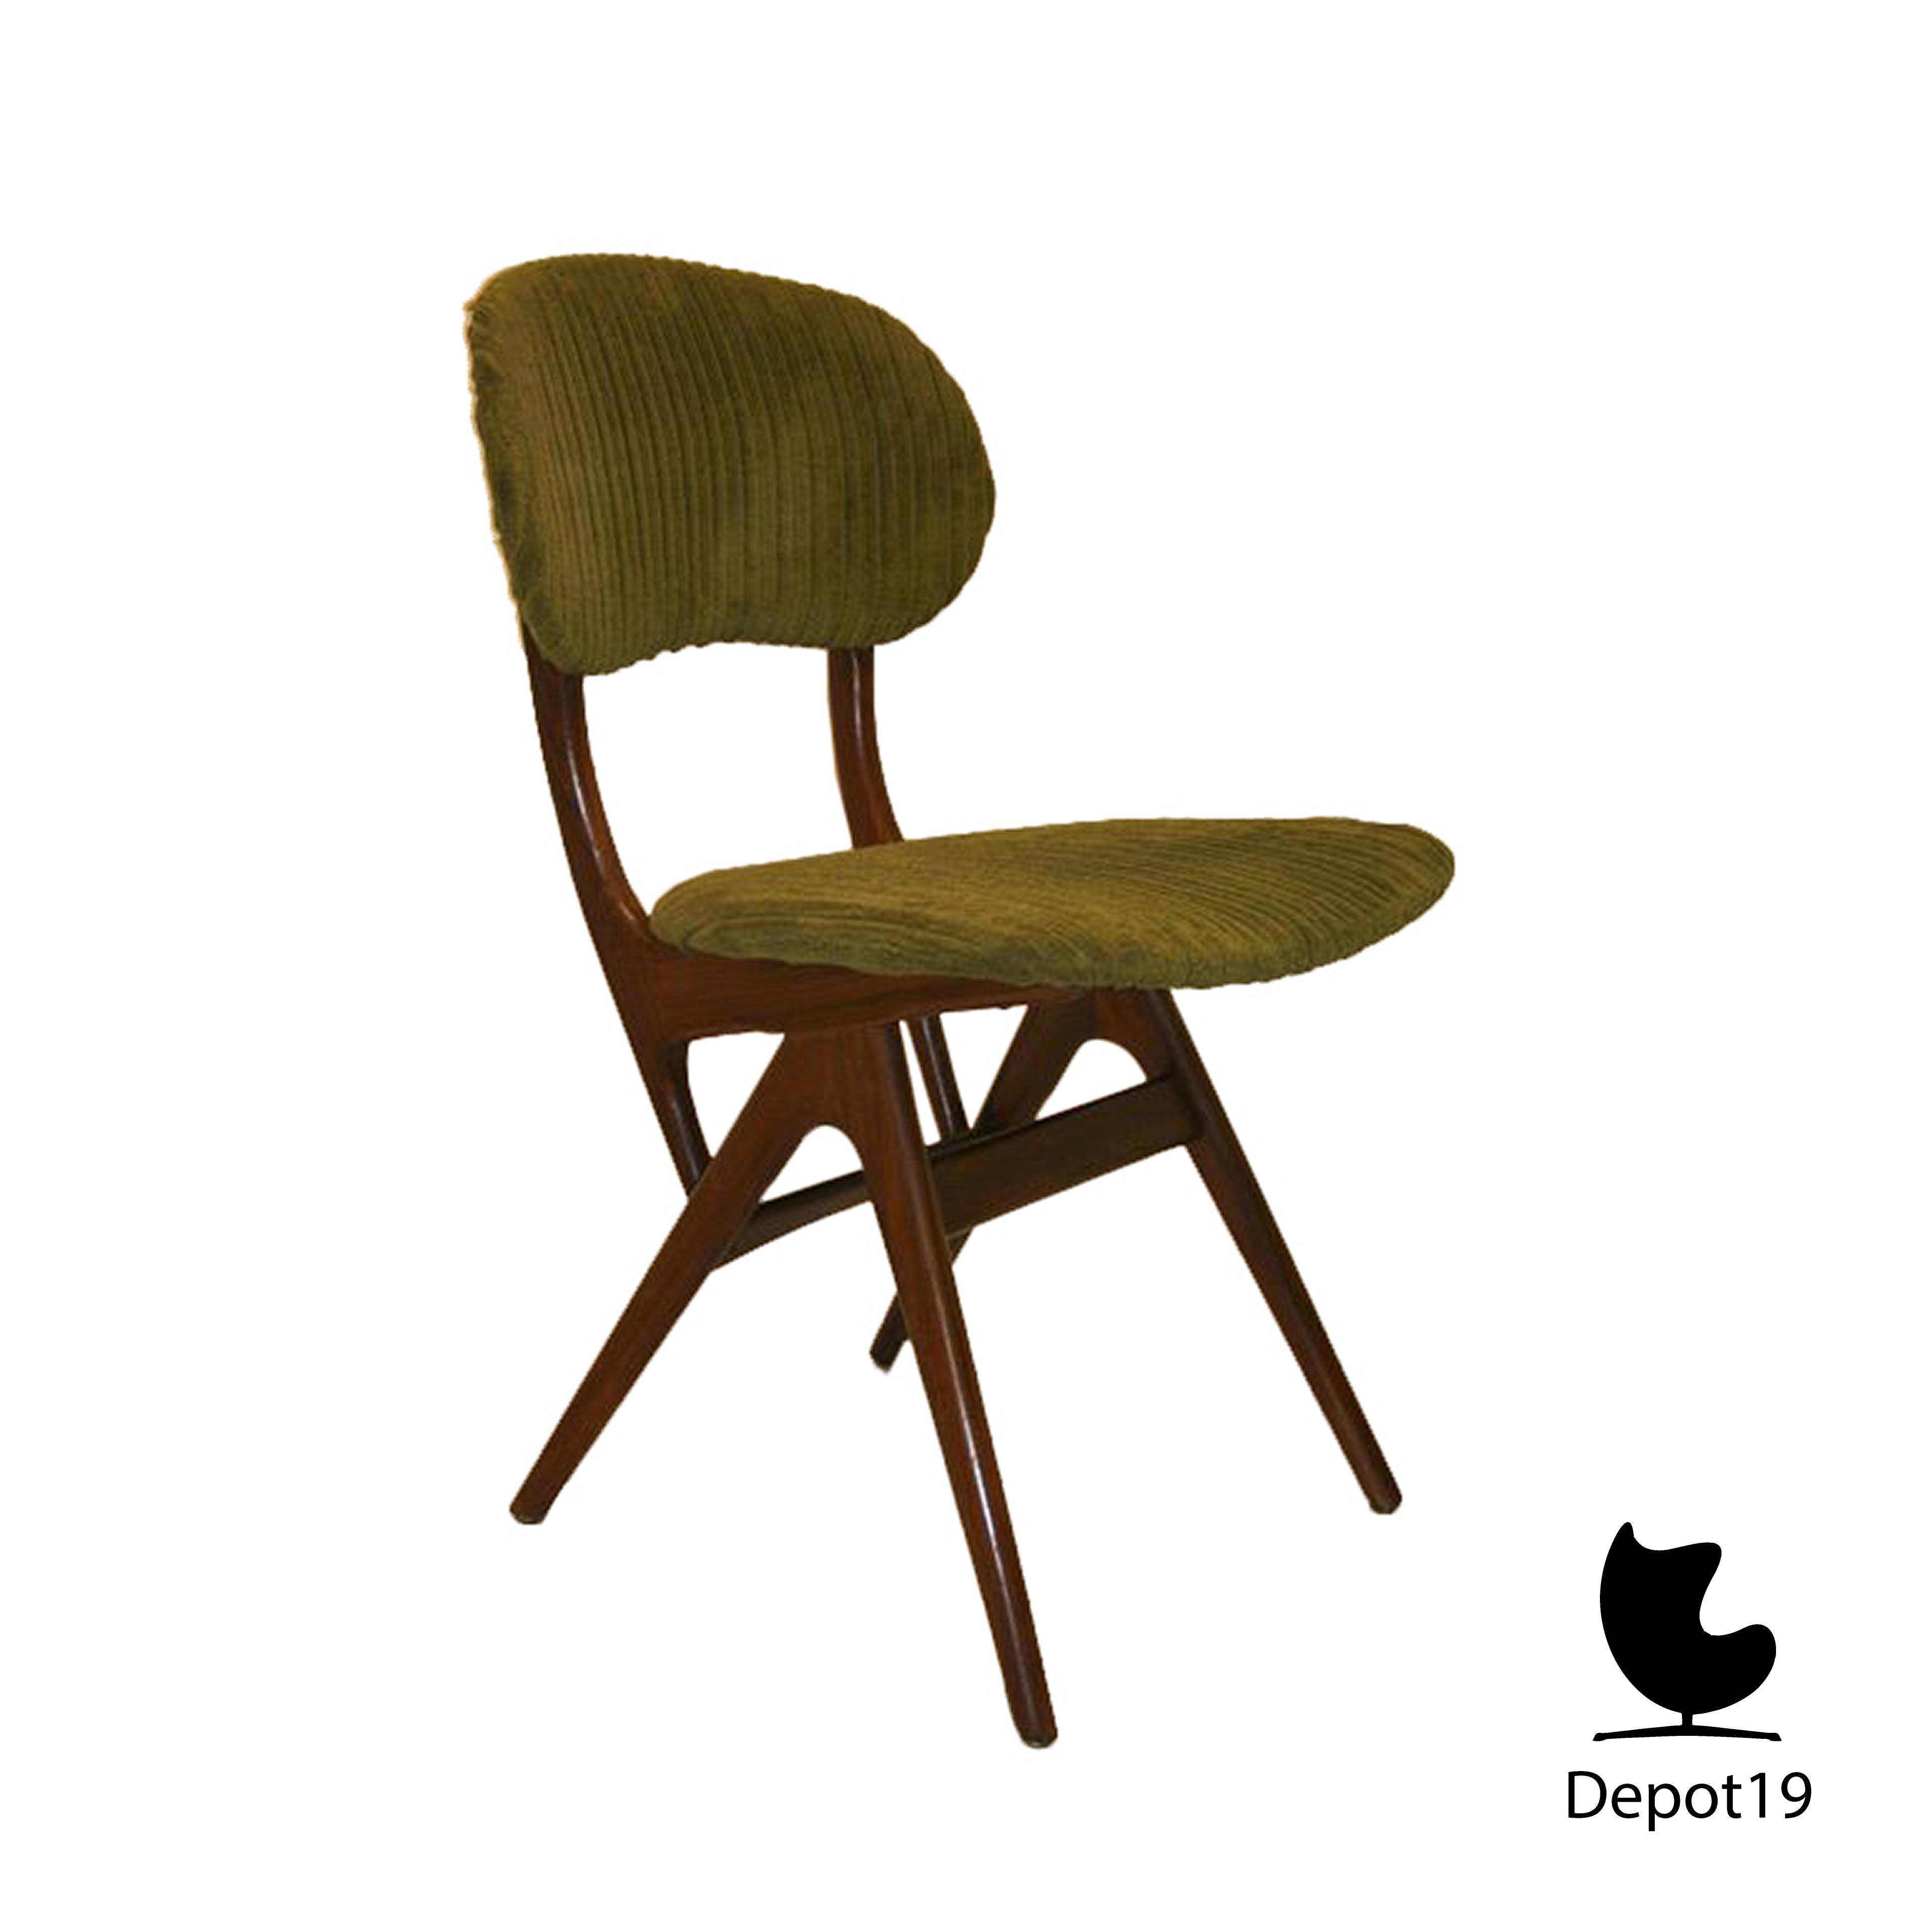 #3F2B1023653692 Louis Van Teeffelen Style 1960s Webe Green Chair Depot 19 6.jpg Meest effectief Design Meubels Namaak 2375 behang 384038352375 afbeeldingen